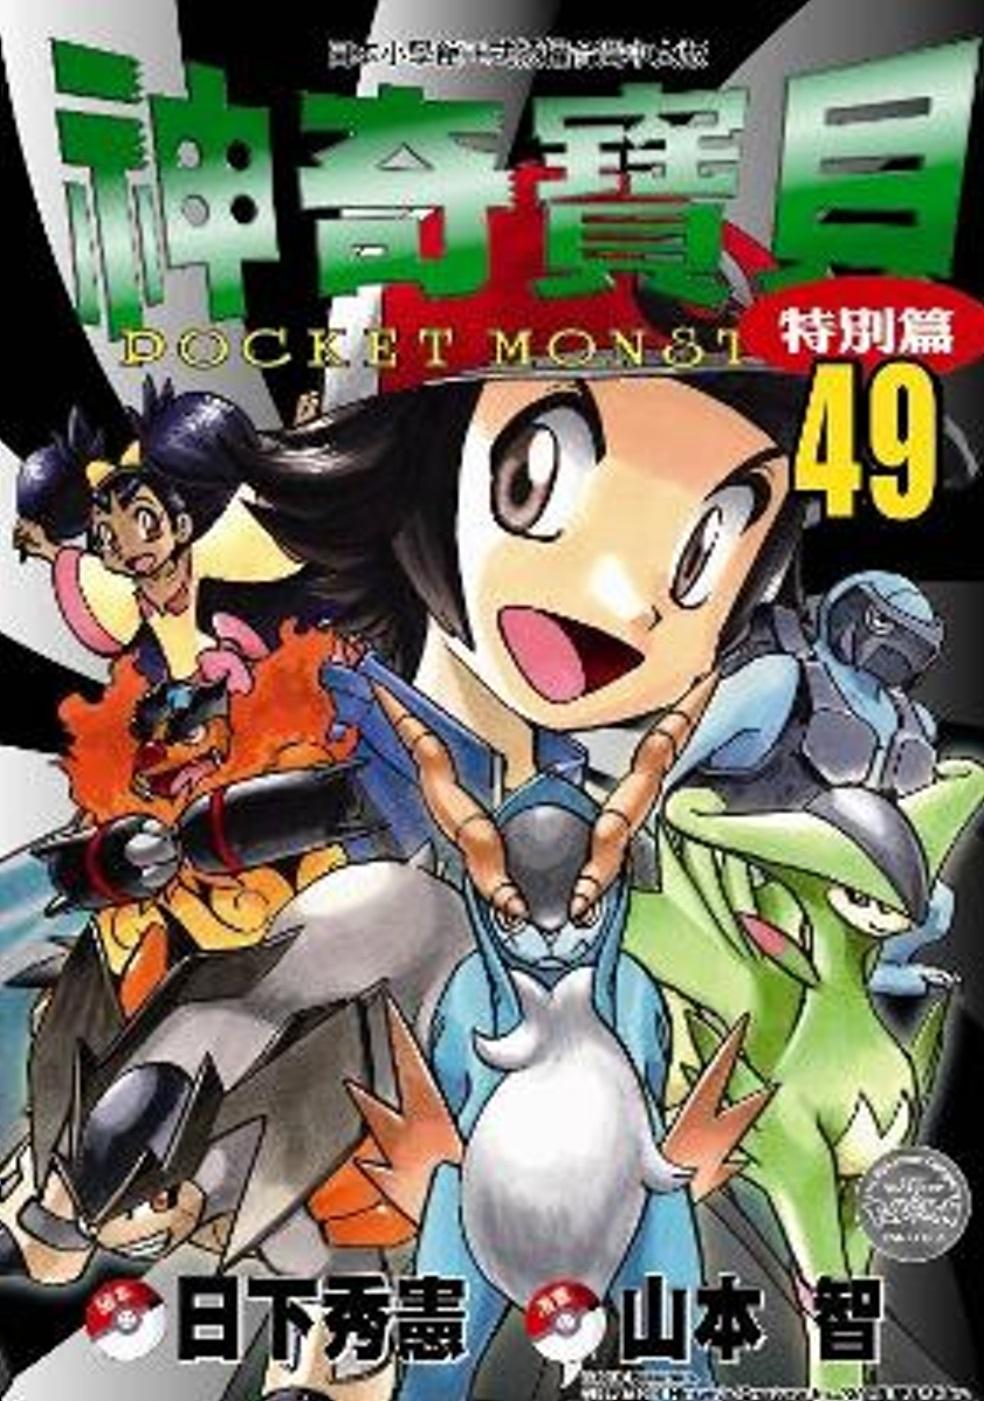 神奇寶貝特別篇(49)